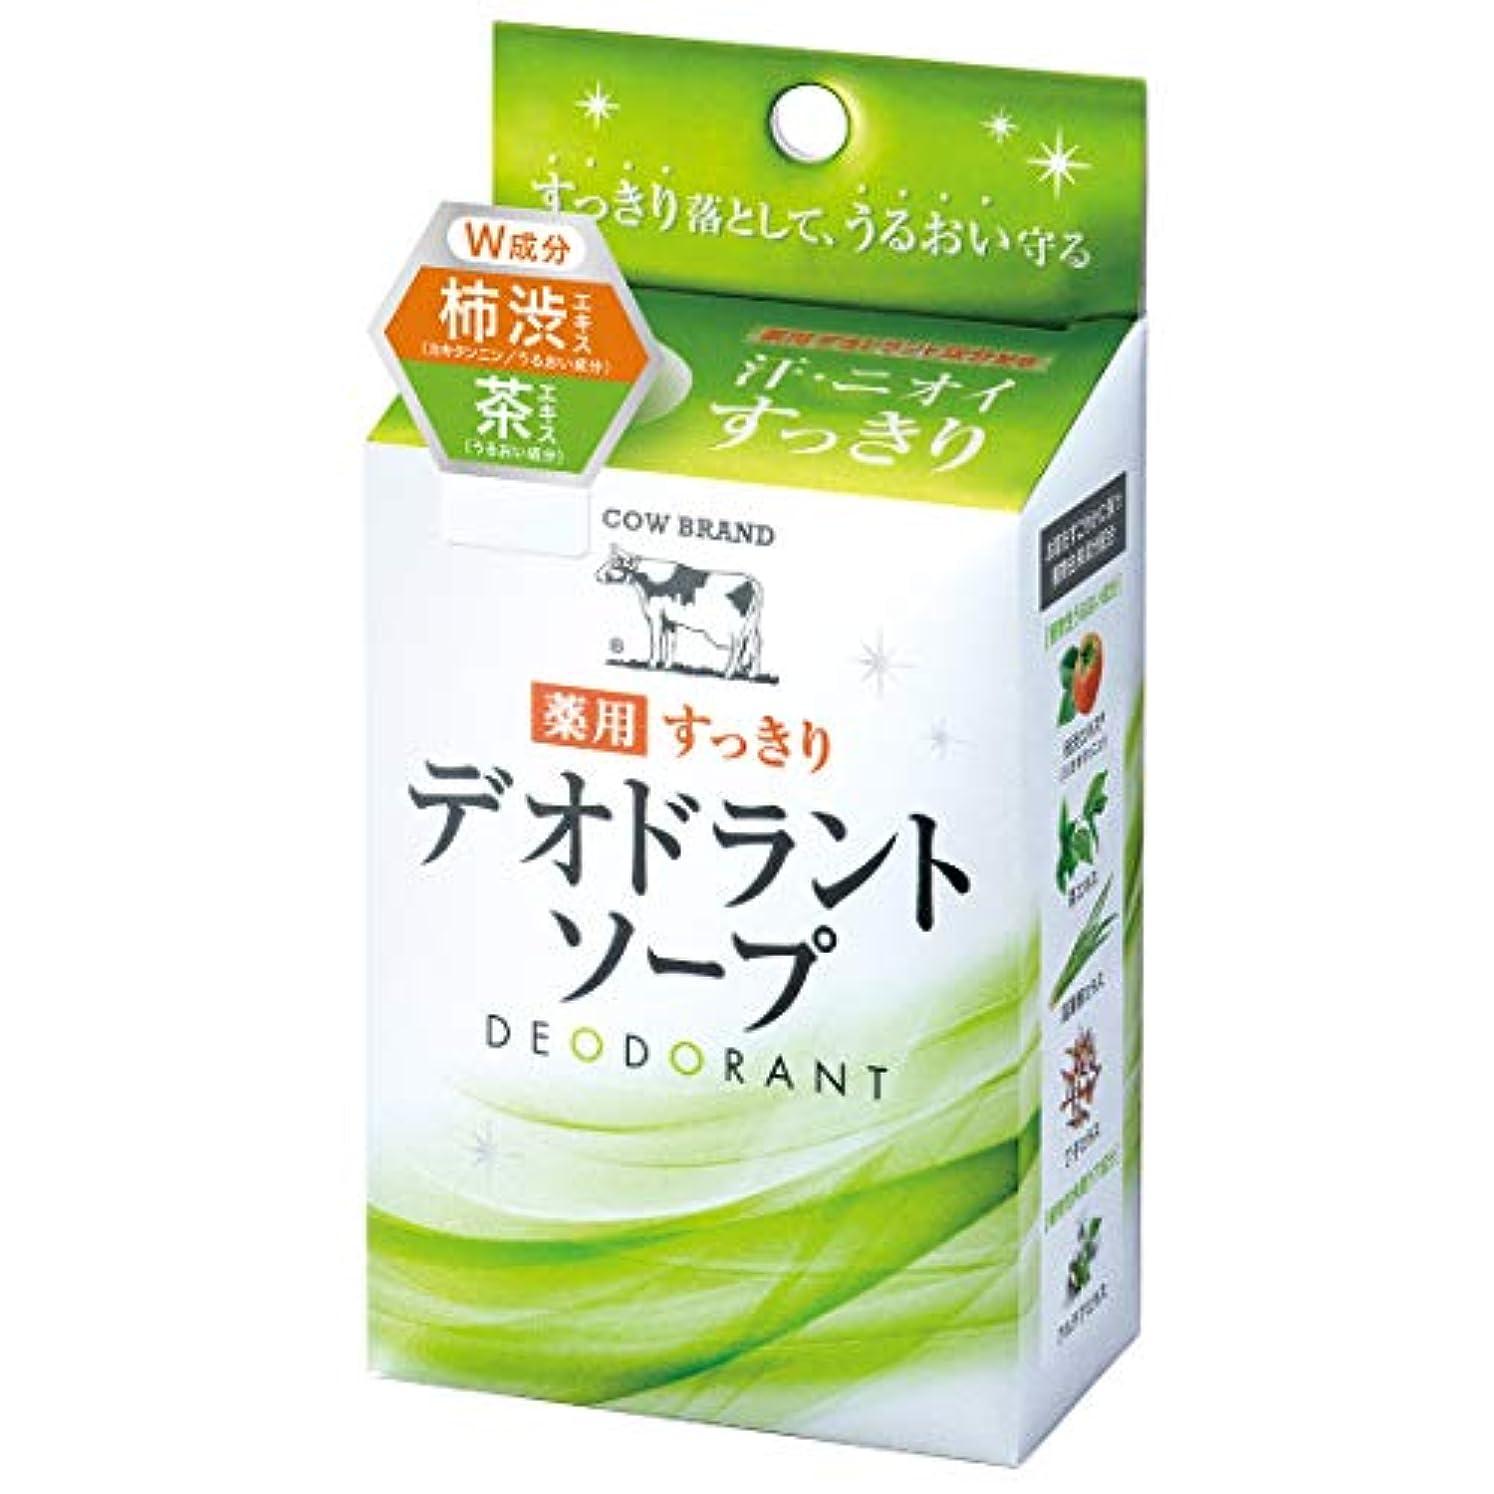 カウブランド 薬用すっきりデオドラントソープ 125g (医薬部外品)